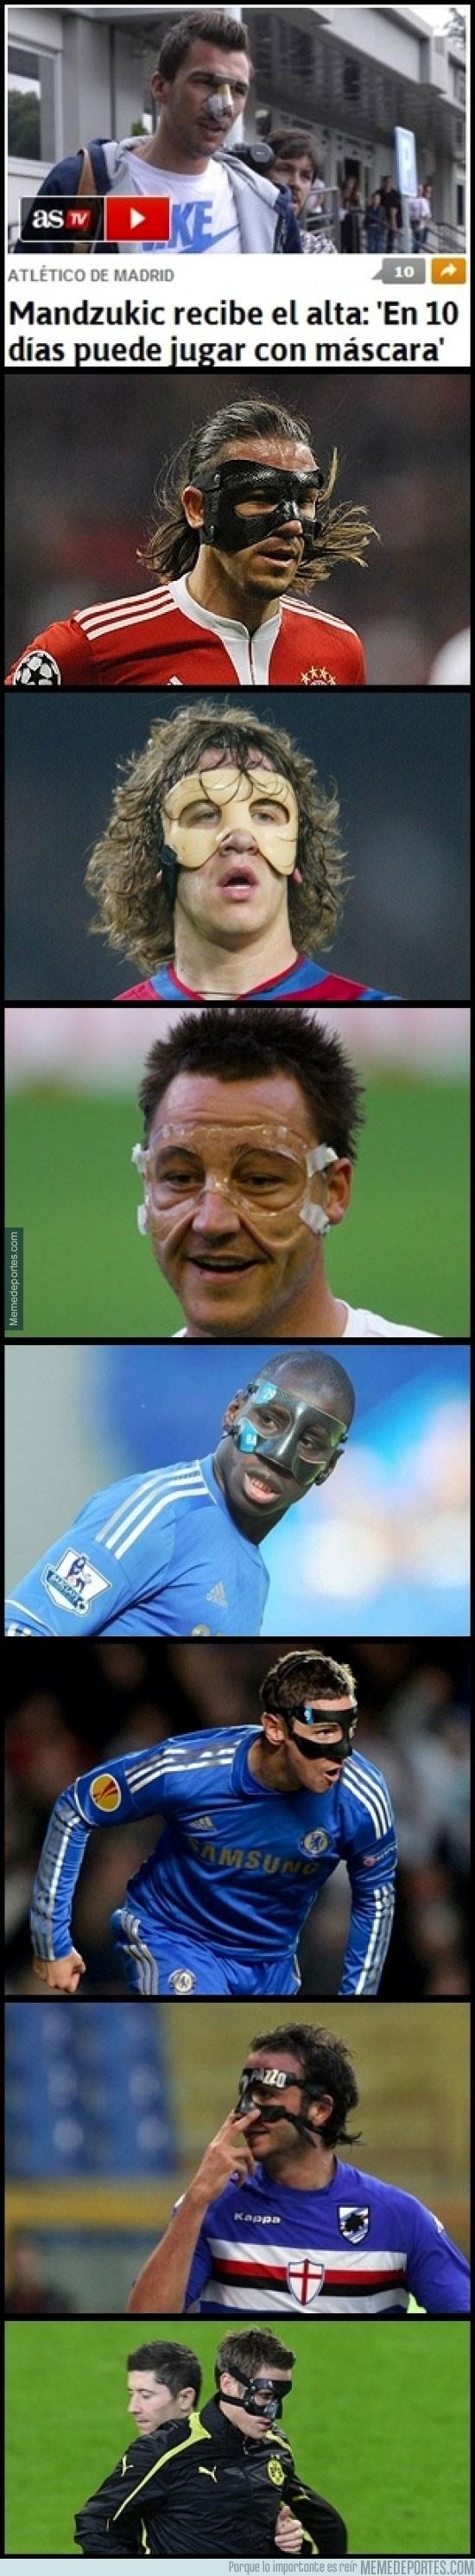 389076 - Mario Mandzukic se une al club de los jugadores con máscaras